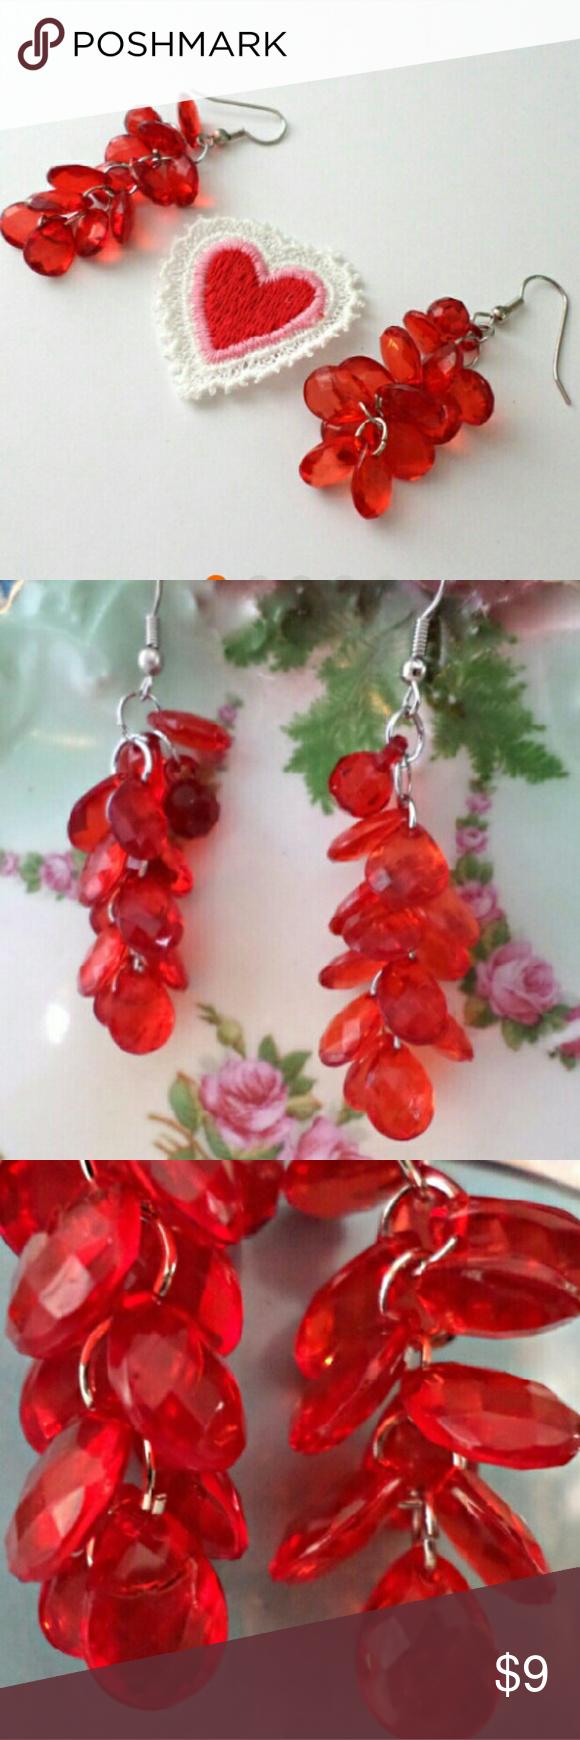 Handmade Red Valentine's Day Dangle Earrings Red Dangle Drop Earrings  Handmade By Me! The Beads